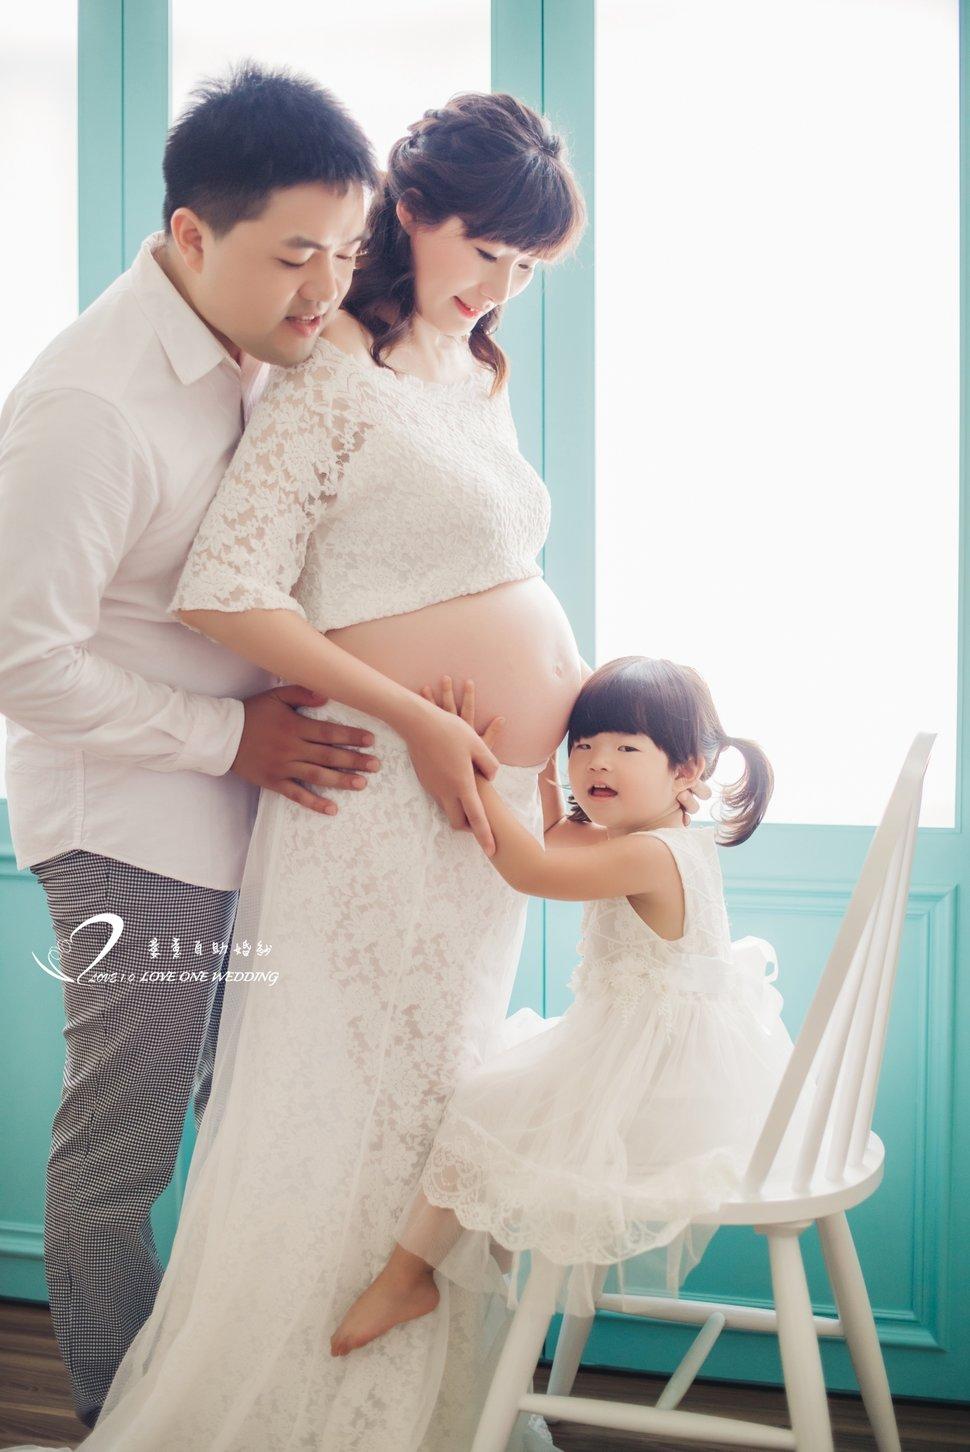 愛意孕婦寫真X全家福親子照推薦2 - 高雄婚紗愛意婚紗攝影工作室《結婚吧》